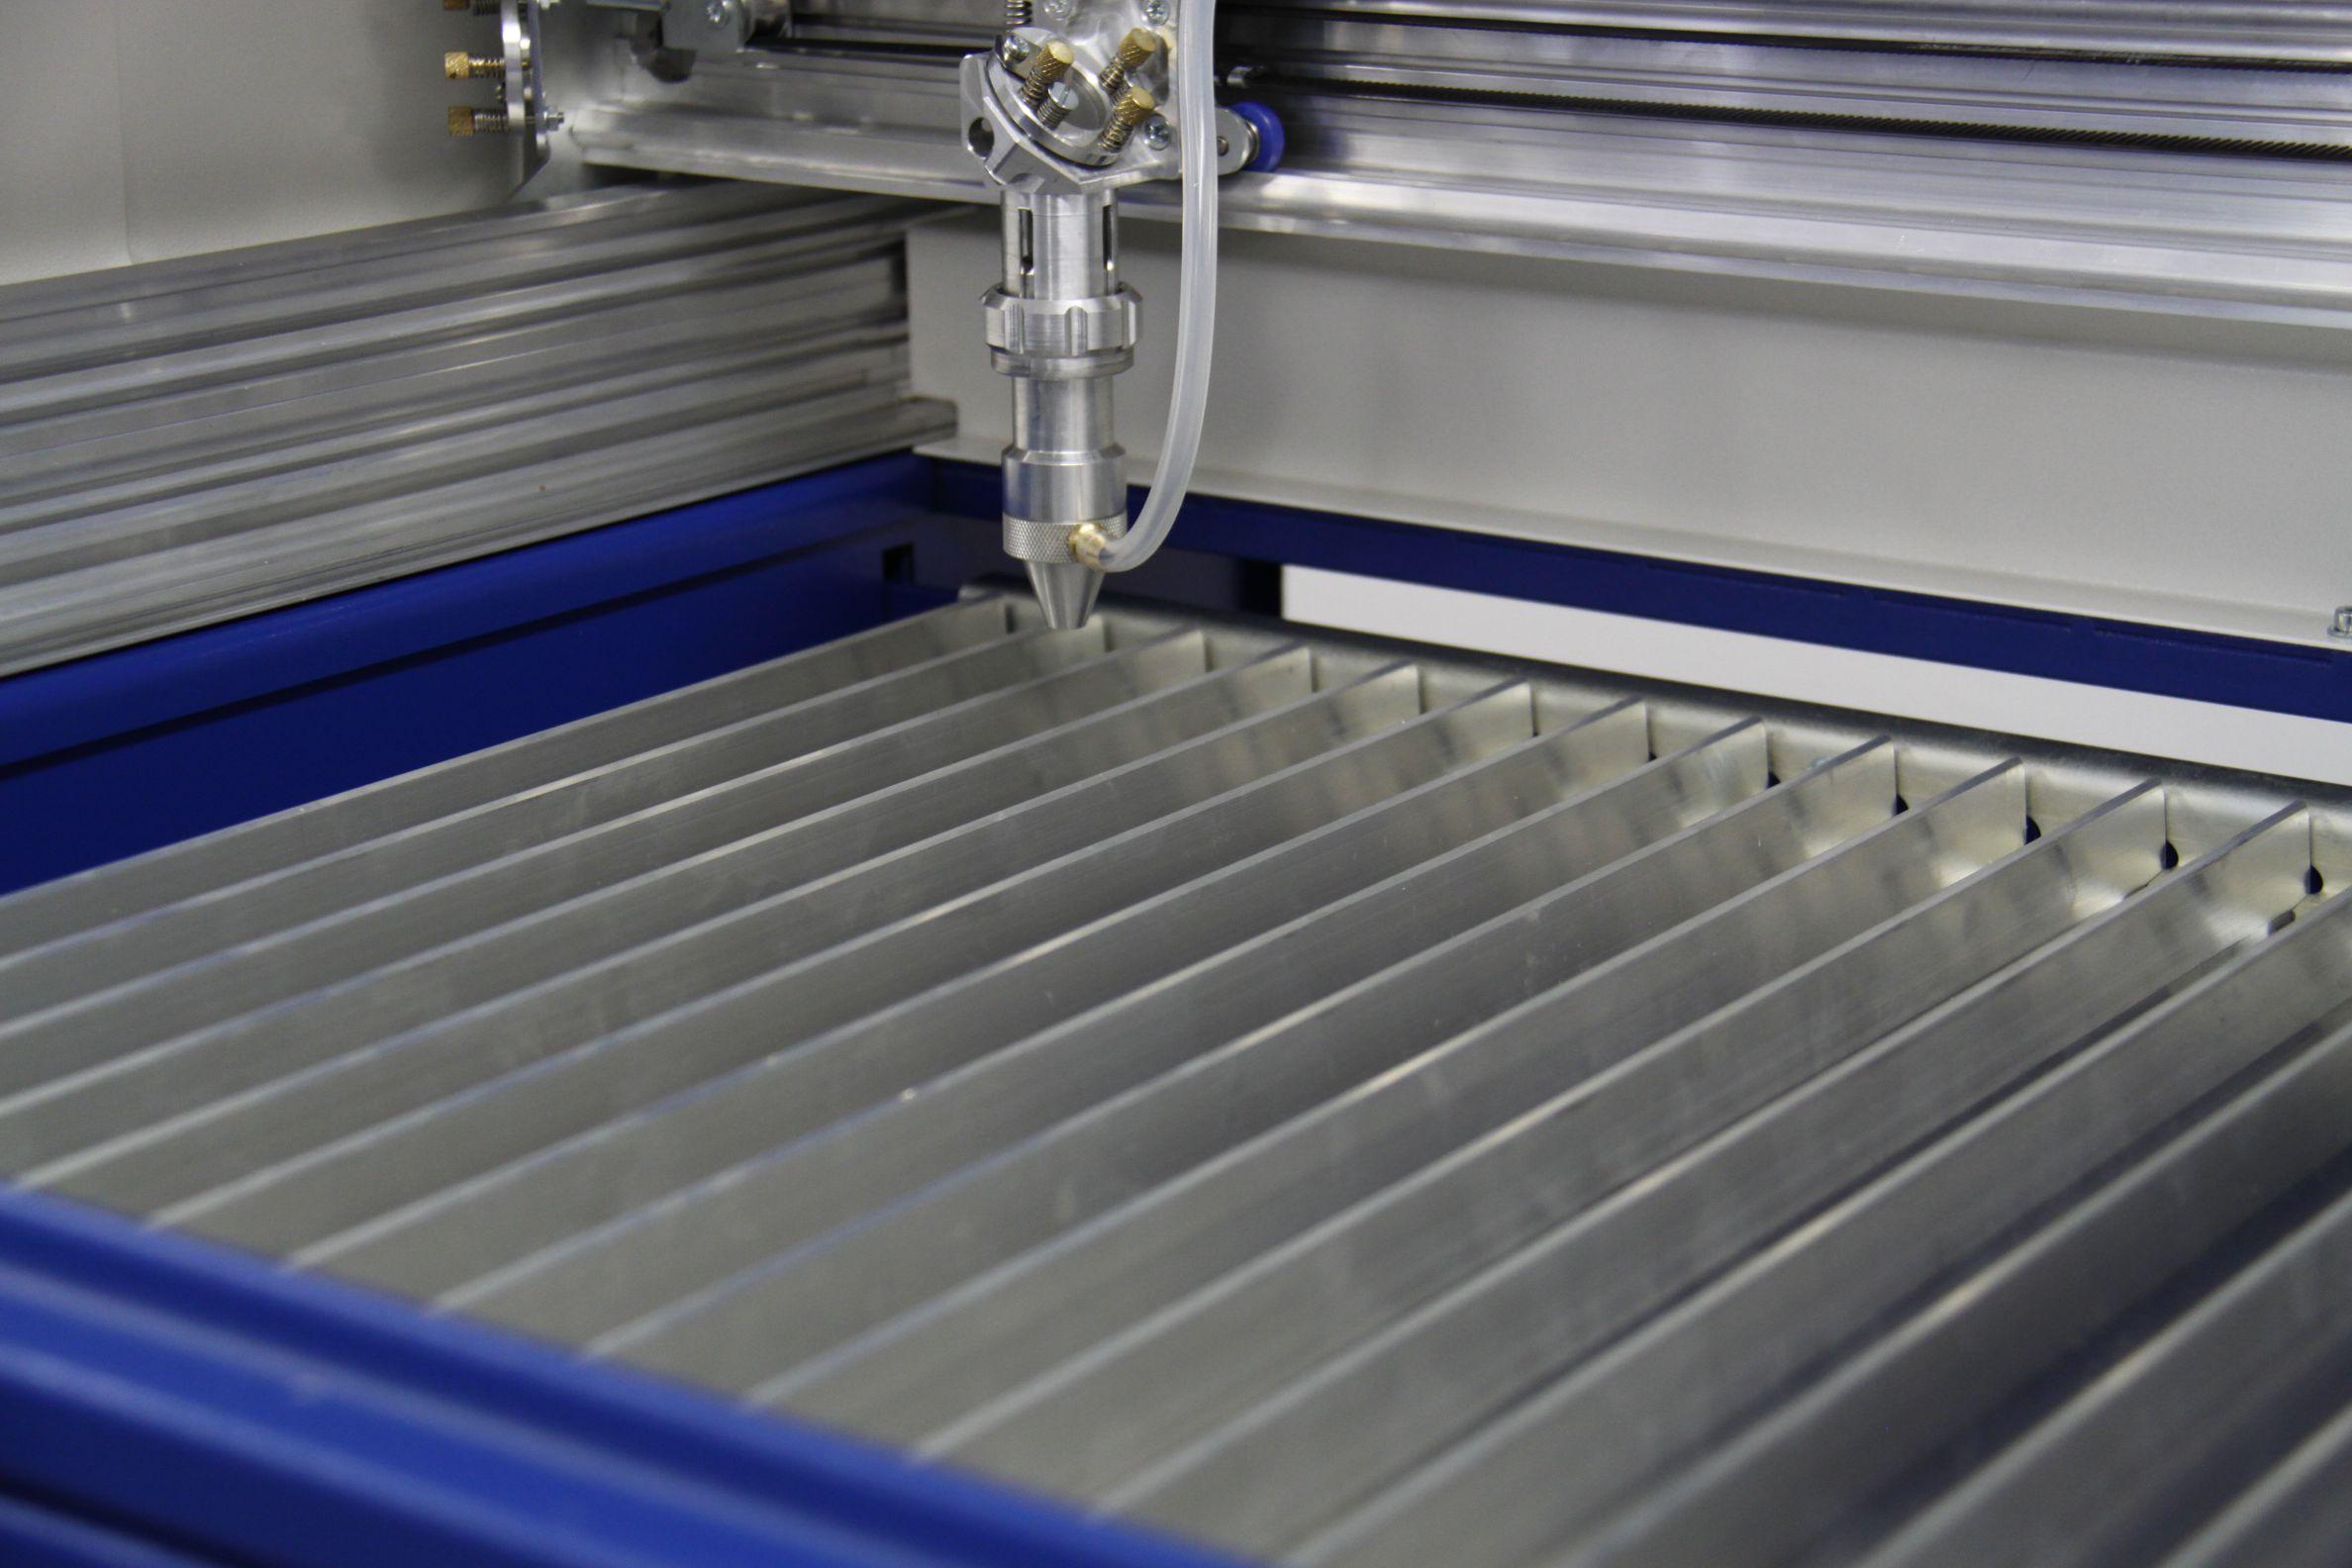 TMX65 laser machine work area - bar bed